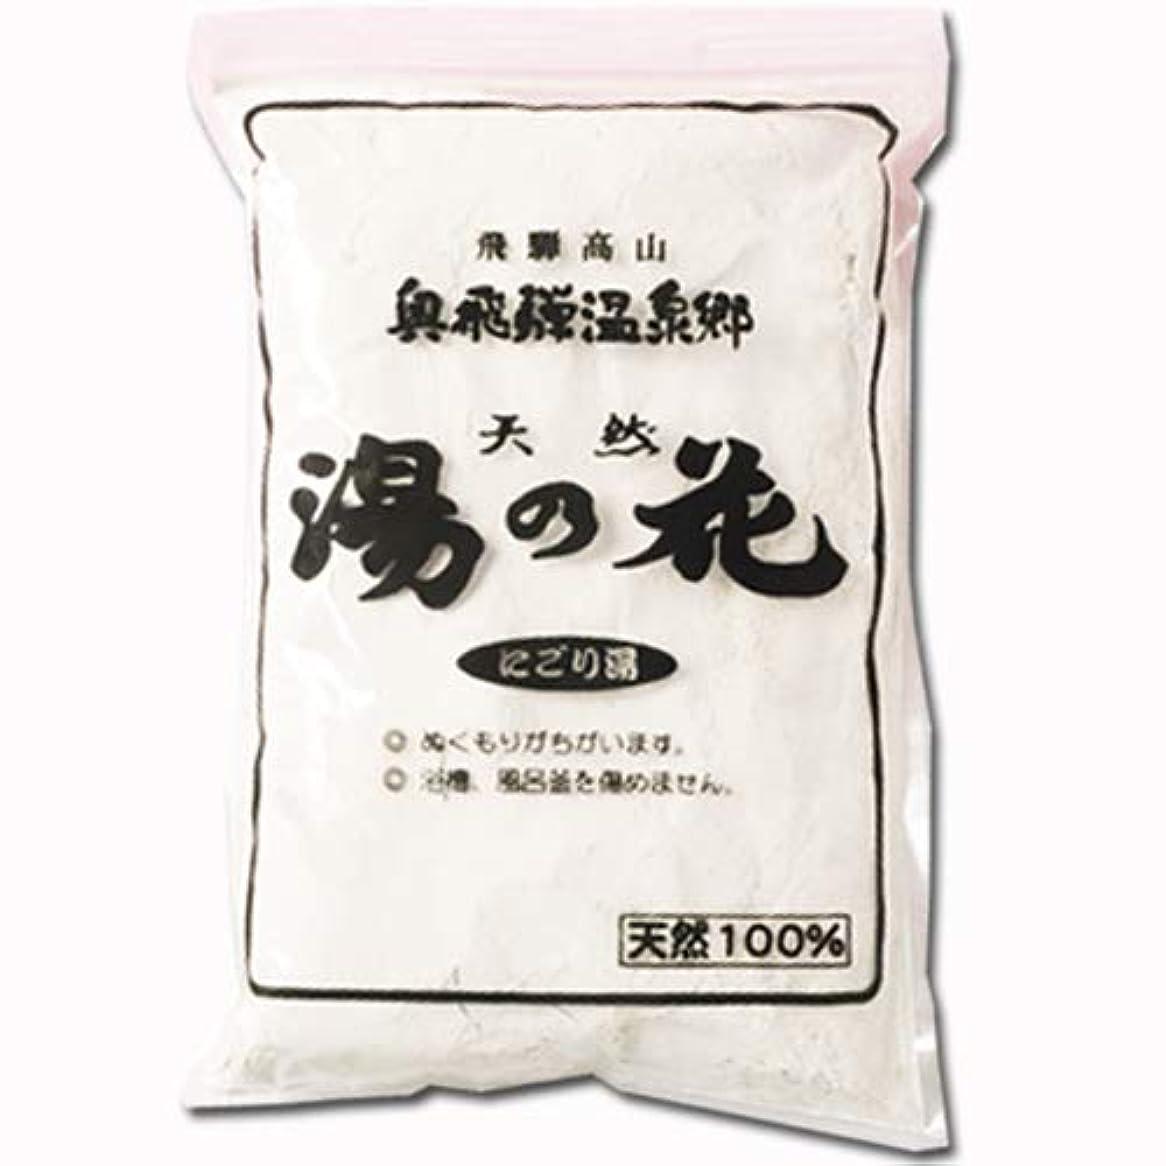 座標に負ける同行天然湯の花 (業務用) 1kg (飛騨高山温泉郷 にごり湯)